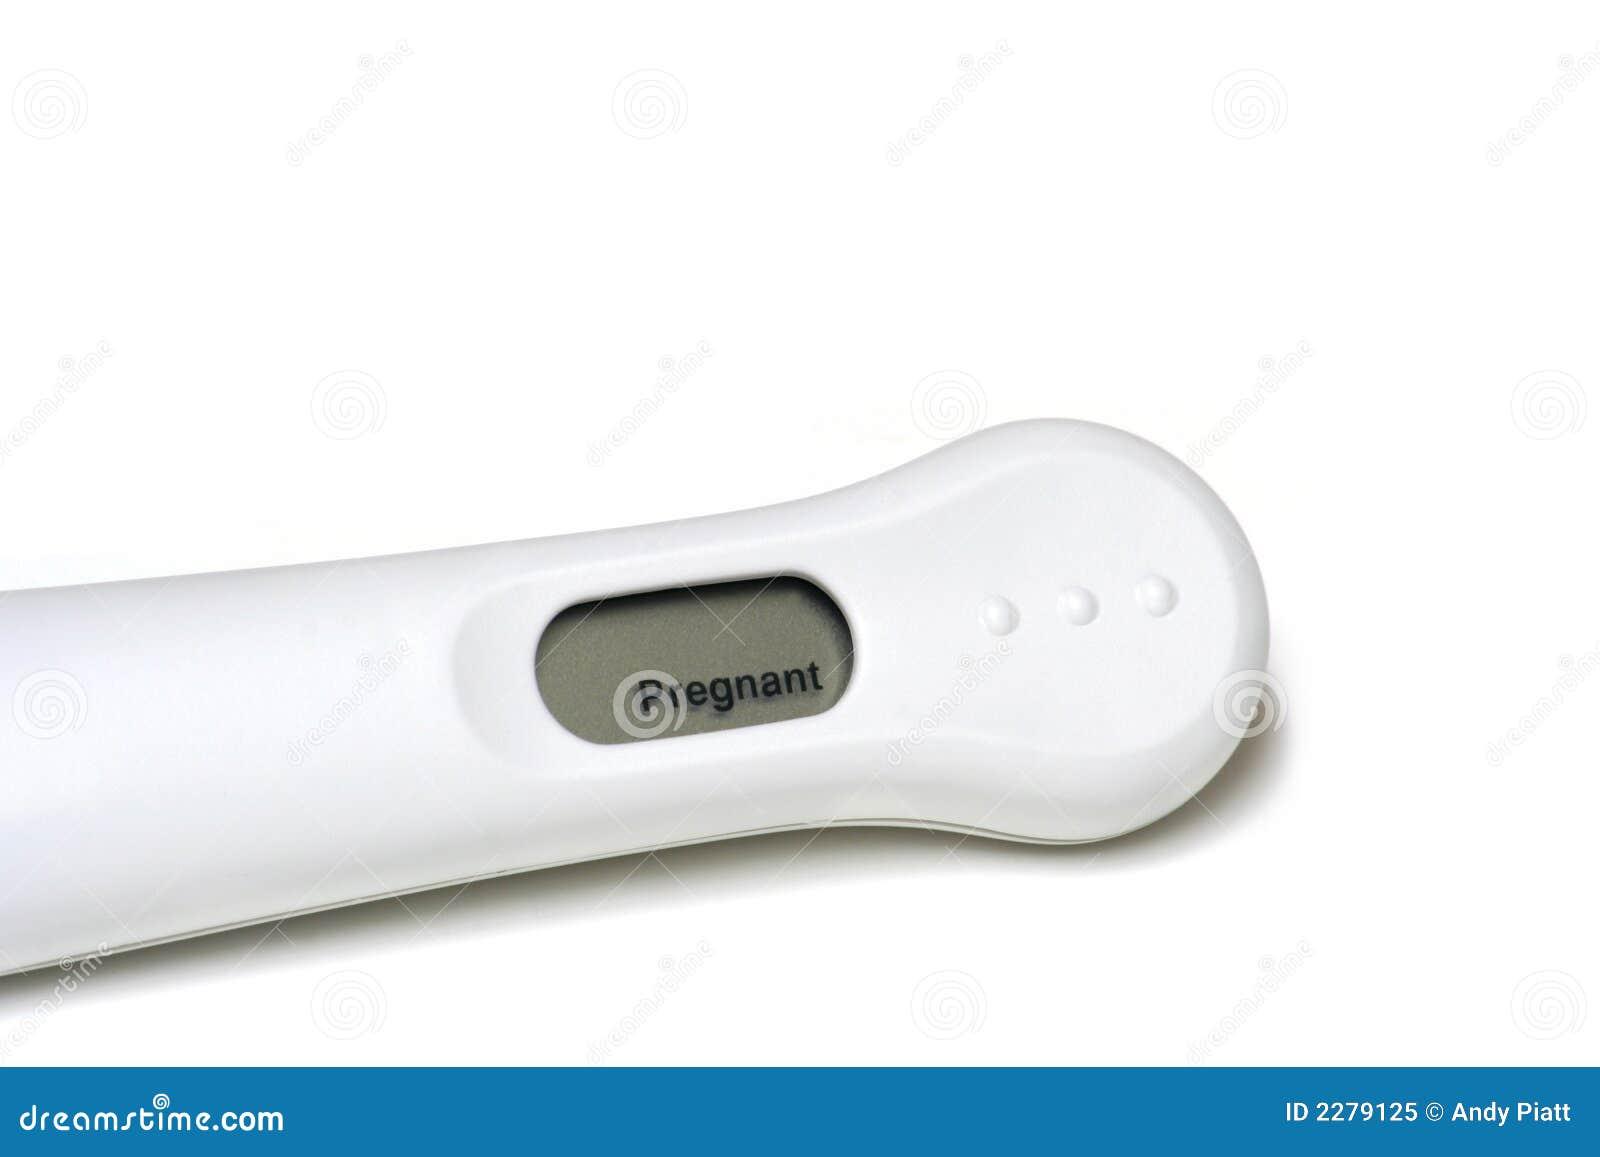 Pozytywny test ciążowy wyników